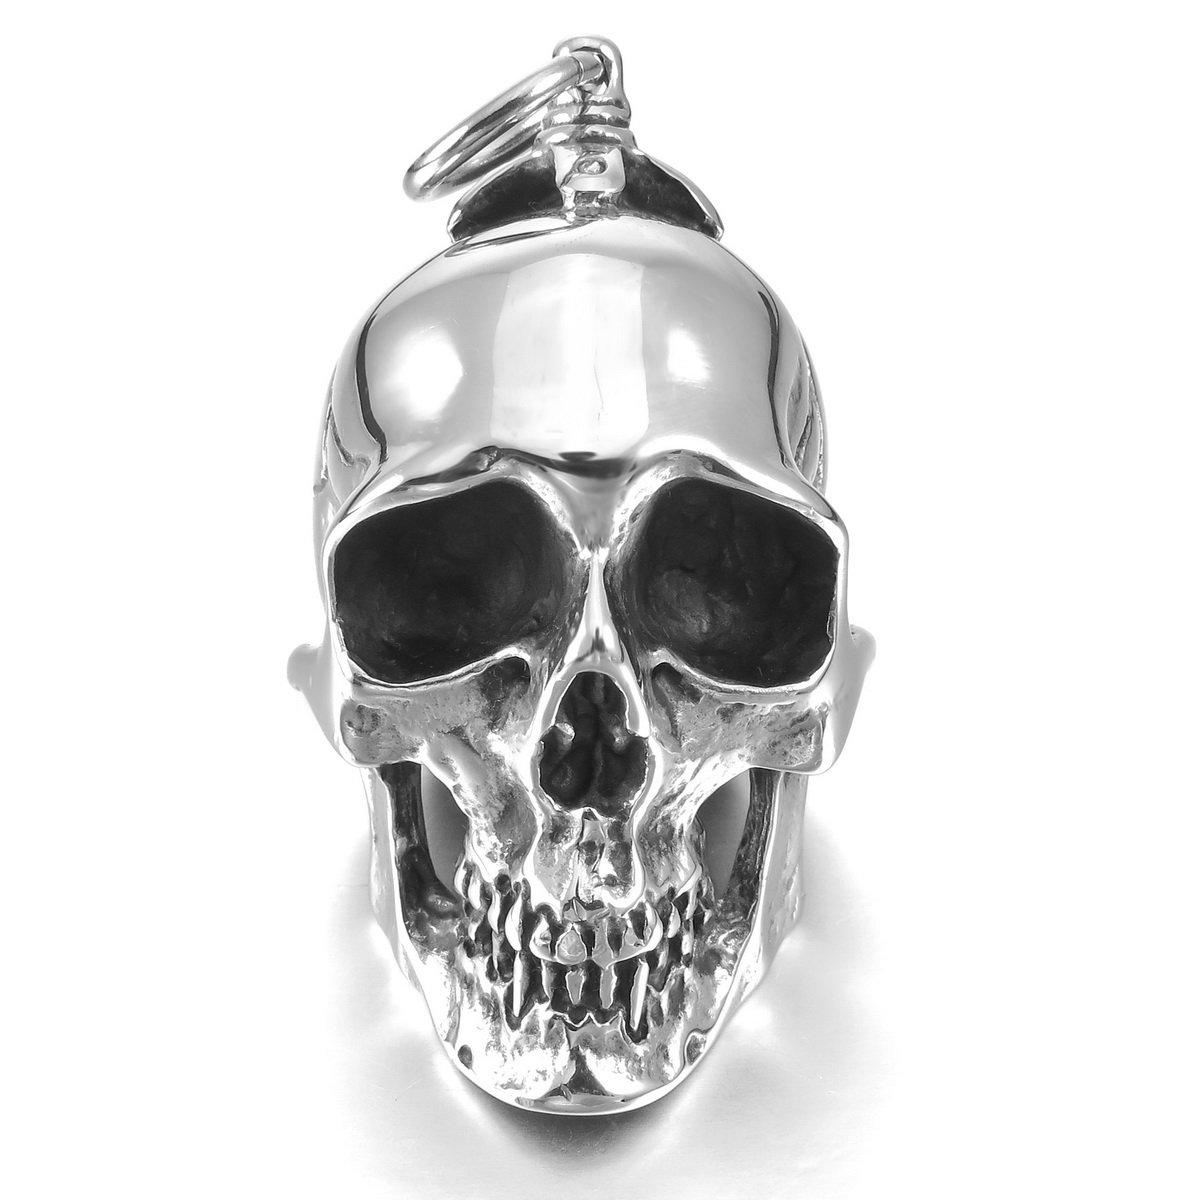 MunkiMix Grande Gran Pesado Fuerte Acero Inoxidable Colgante Collar El Tono De Plata Negro Cráneo Calavera Cruzar Cruz Hombre,Cadena 58cm vu1268